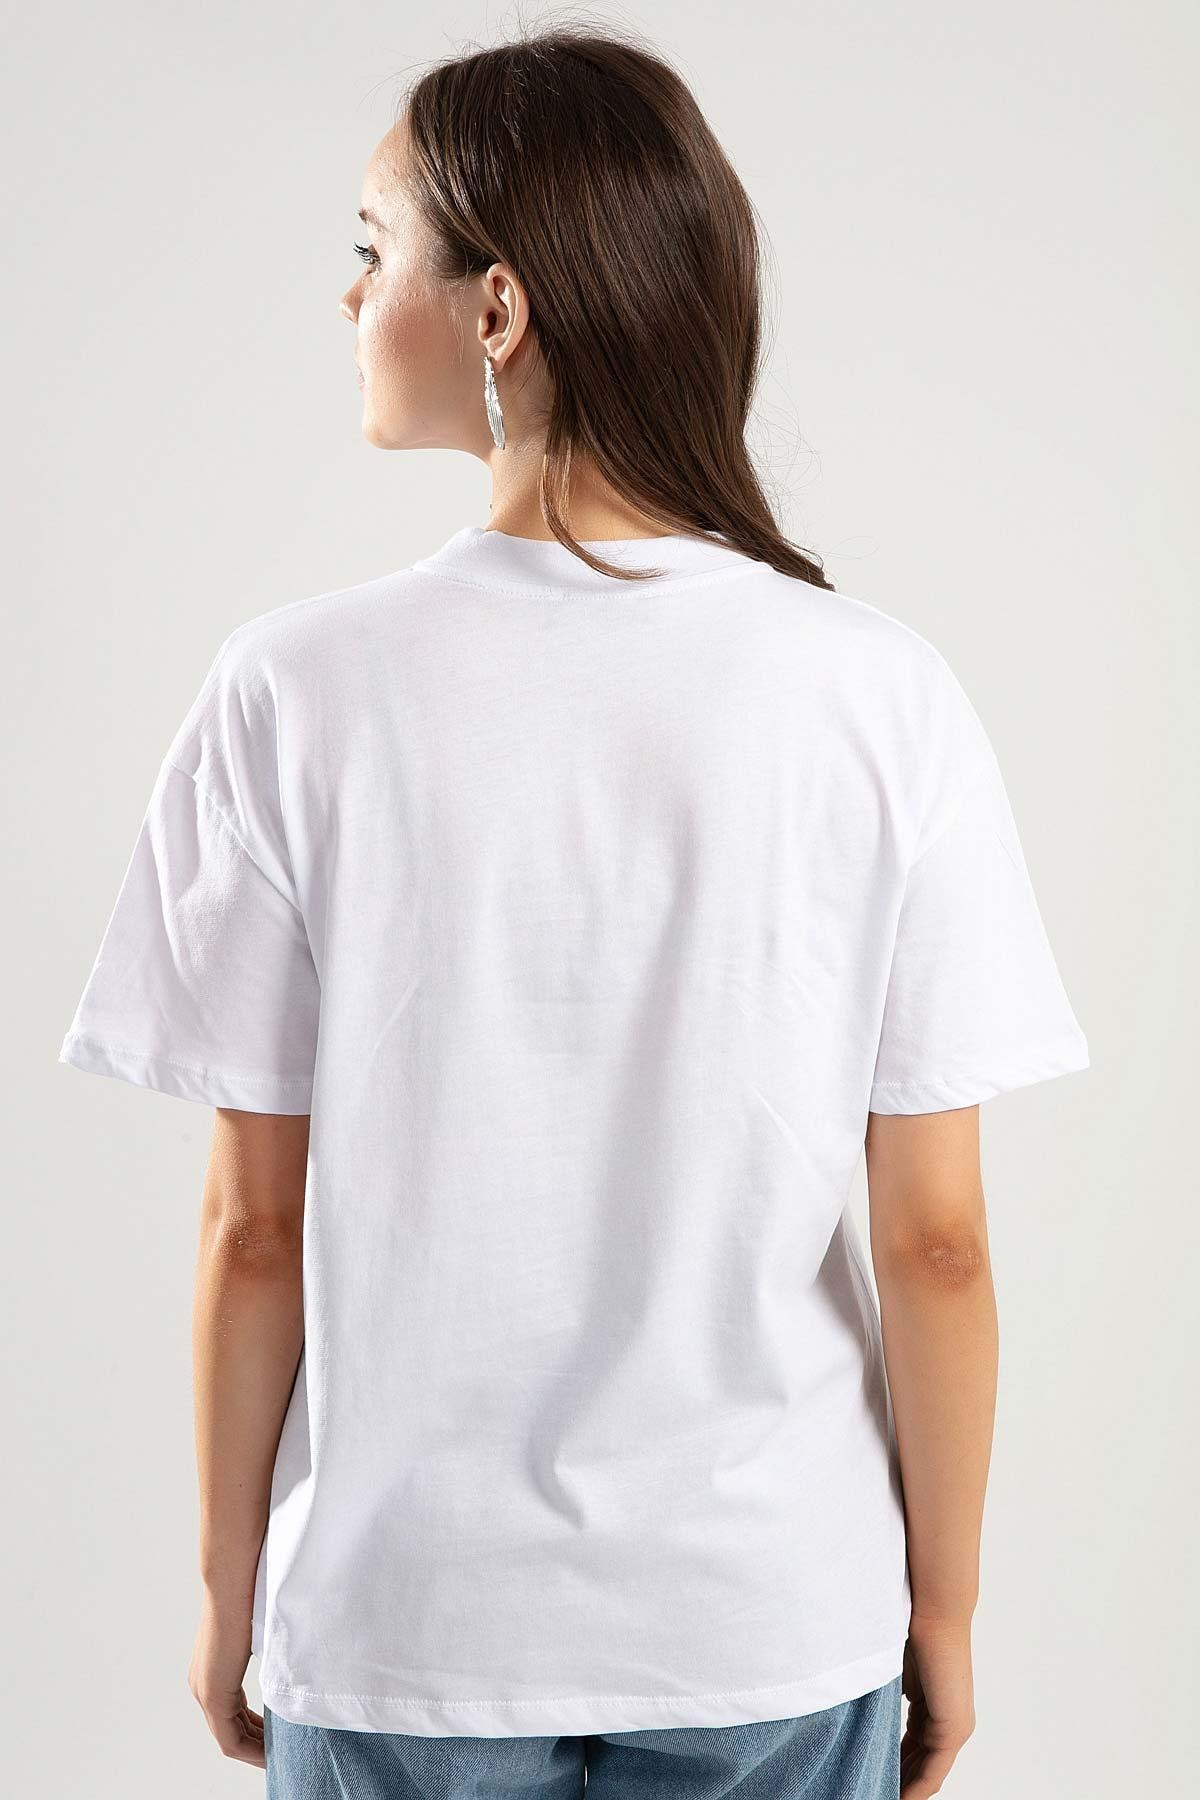 Pattaya Kadın Beyaz Dik Yaka Basic Tişört PTTY20S-701 1